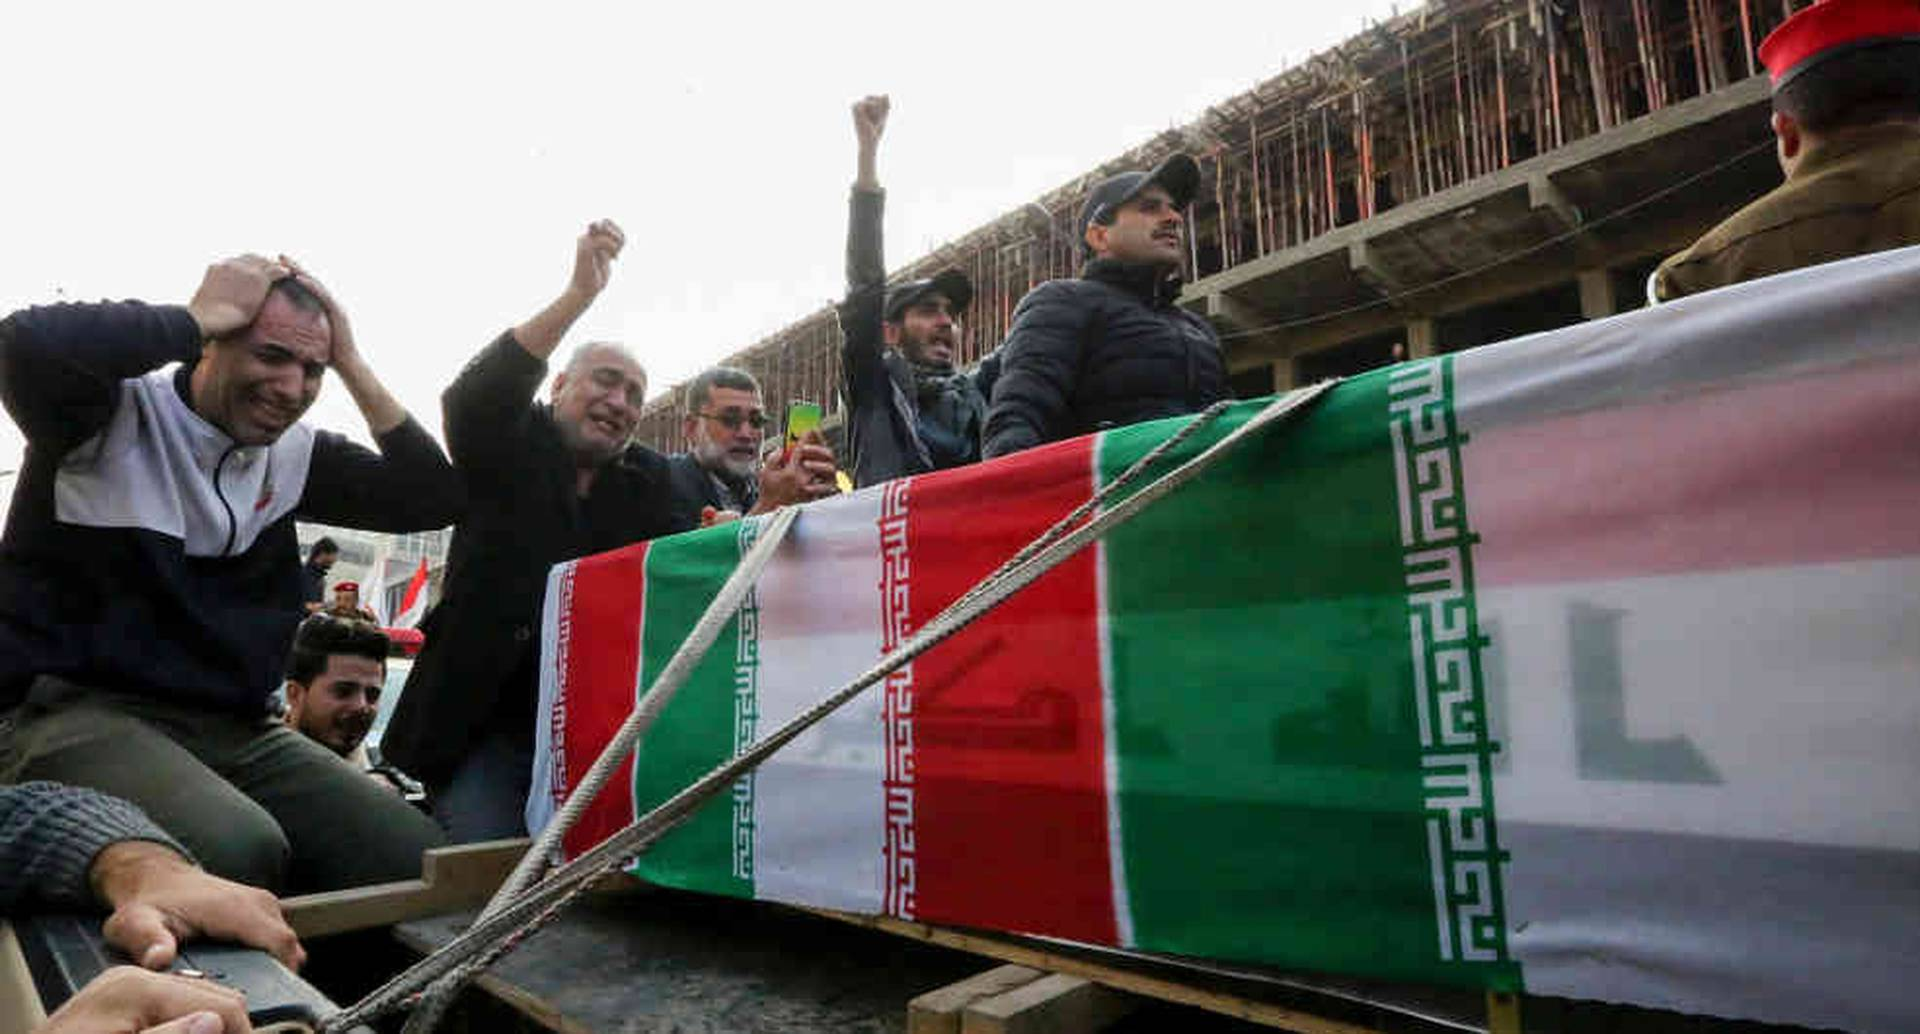 El asesinato en Bagdad del poderoso general iraní Qasem Soleimani puso a Estados Unidos e Irán en el filo de una guerra. Miles de iraníes desfilaron ayer por las calles de Teherán pidiendo venganza. Foto: AFP